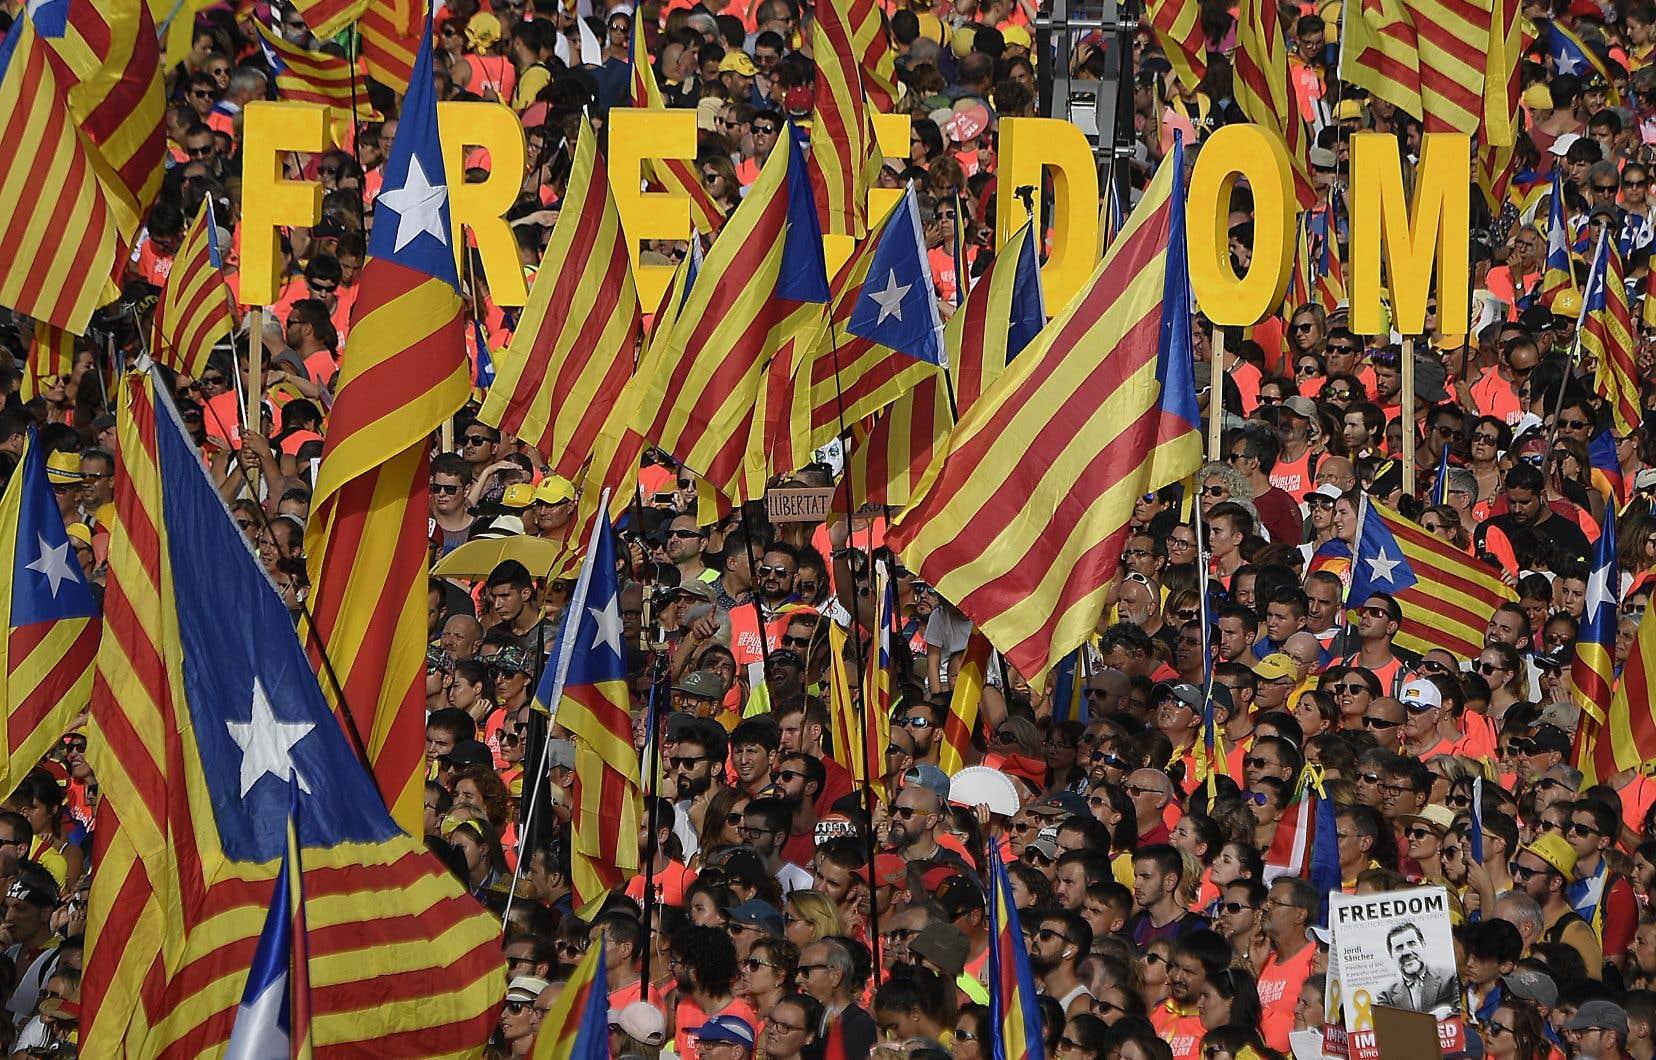 Un an après l'échec de leur tentative de sécession de l'Espagne, les séparatistes démontrent une capacité de mobilisation intacte.<br />